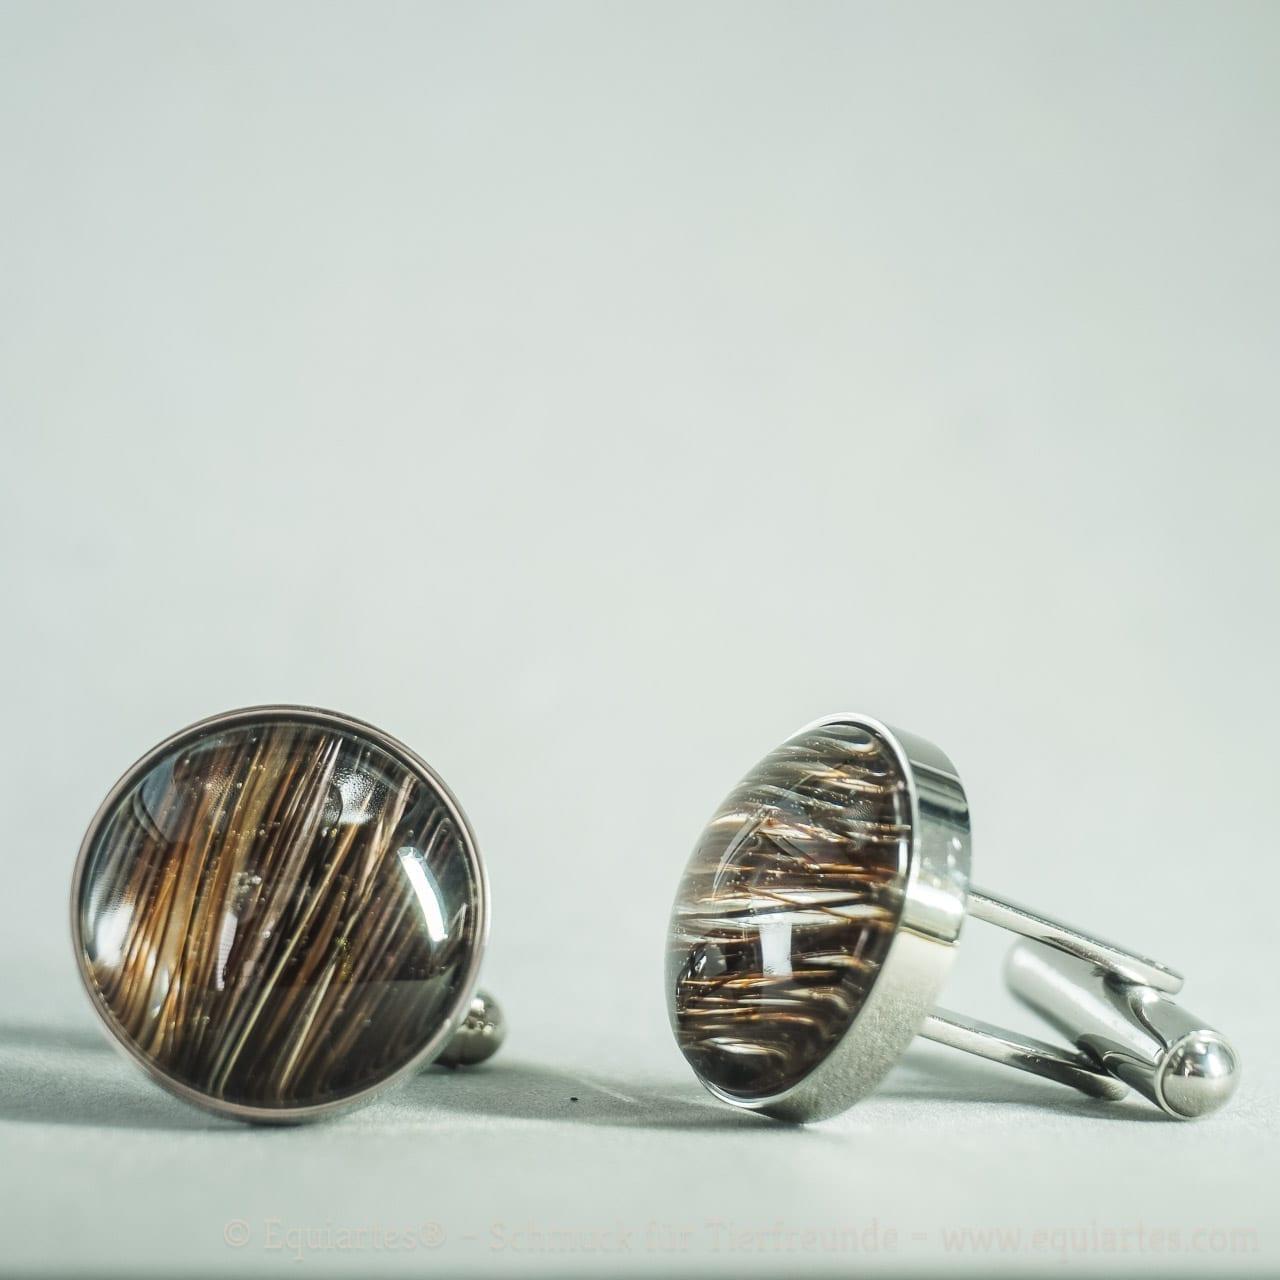 Equiartes® Cufflinks - Manschettenknöpfe mit Tierhaar - Edelstahl